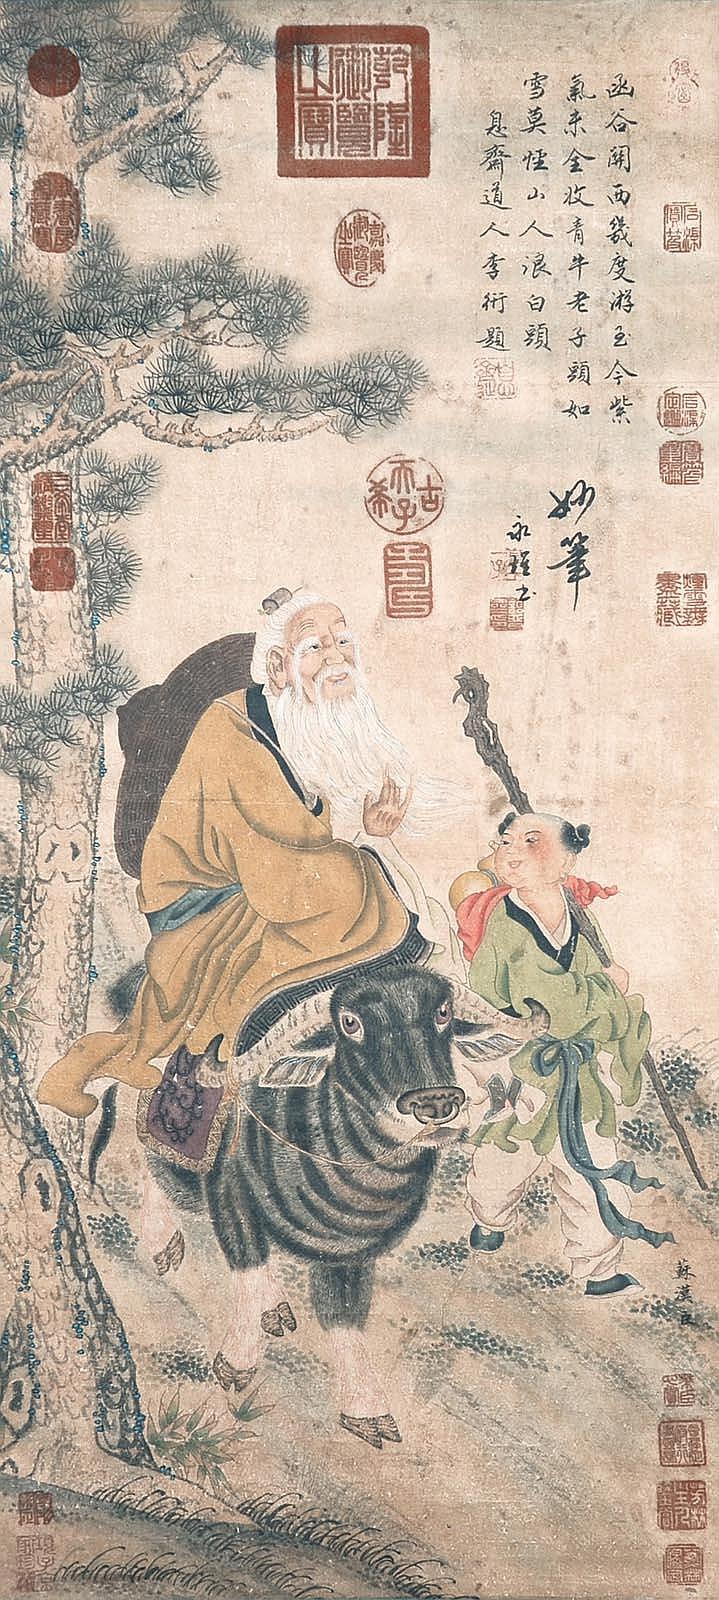 南宋 蘇漢臣 (1094 - 1172) 老子出關圖 Su Hanchen Song Dynasty Laozi Leaving for the West